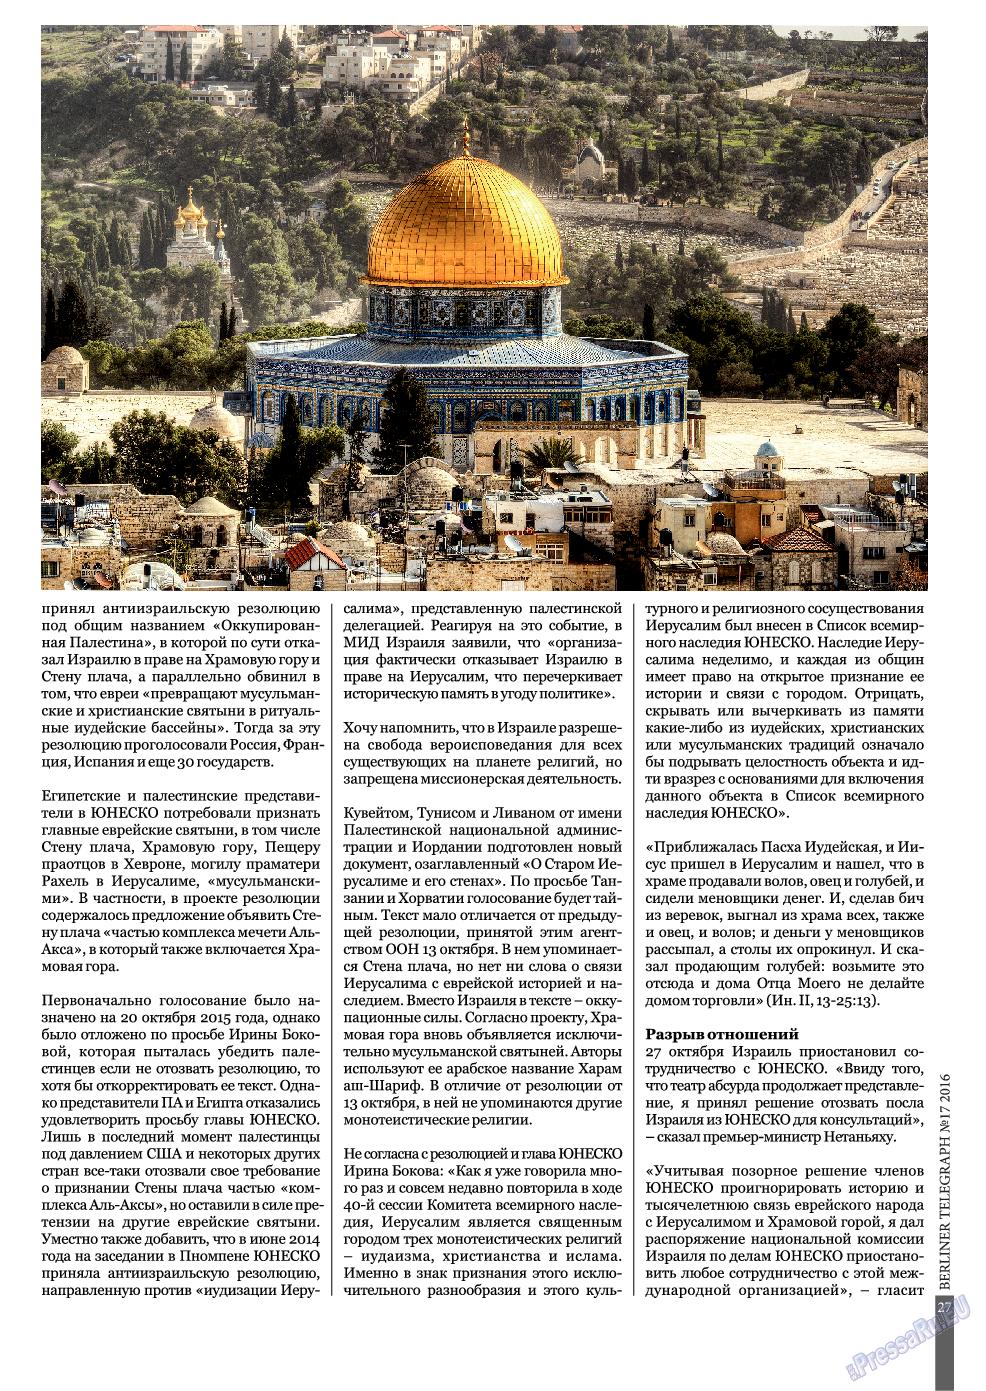 Берлинский телеграф (журнал). 2016 год, номер 17, стр. 27